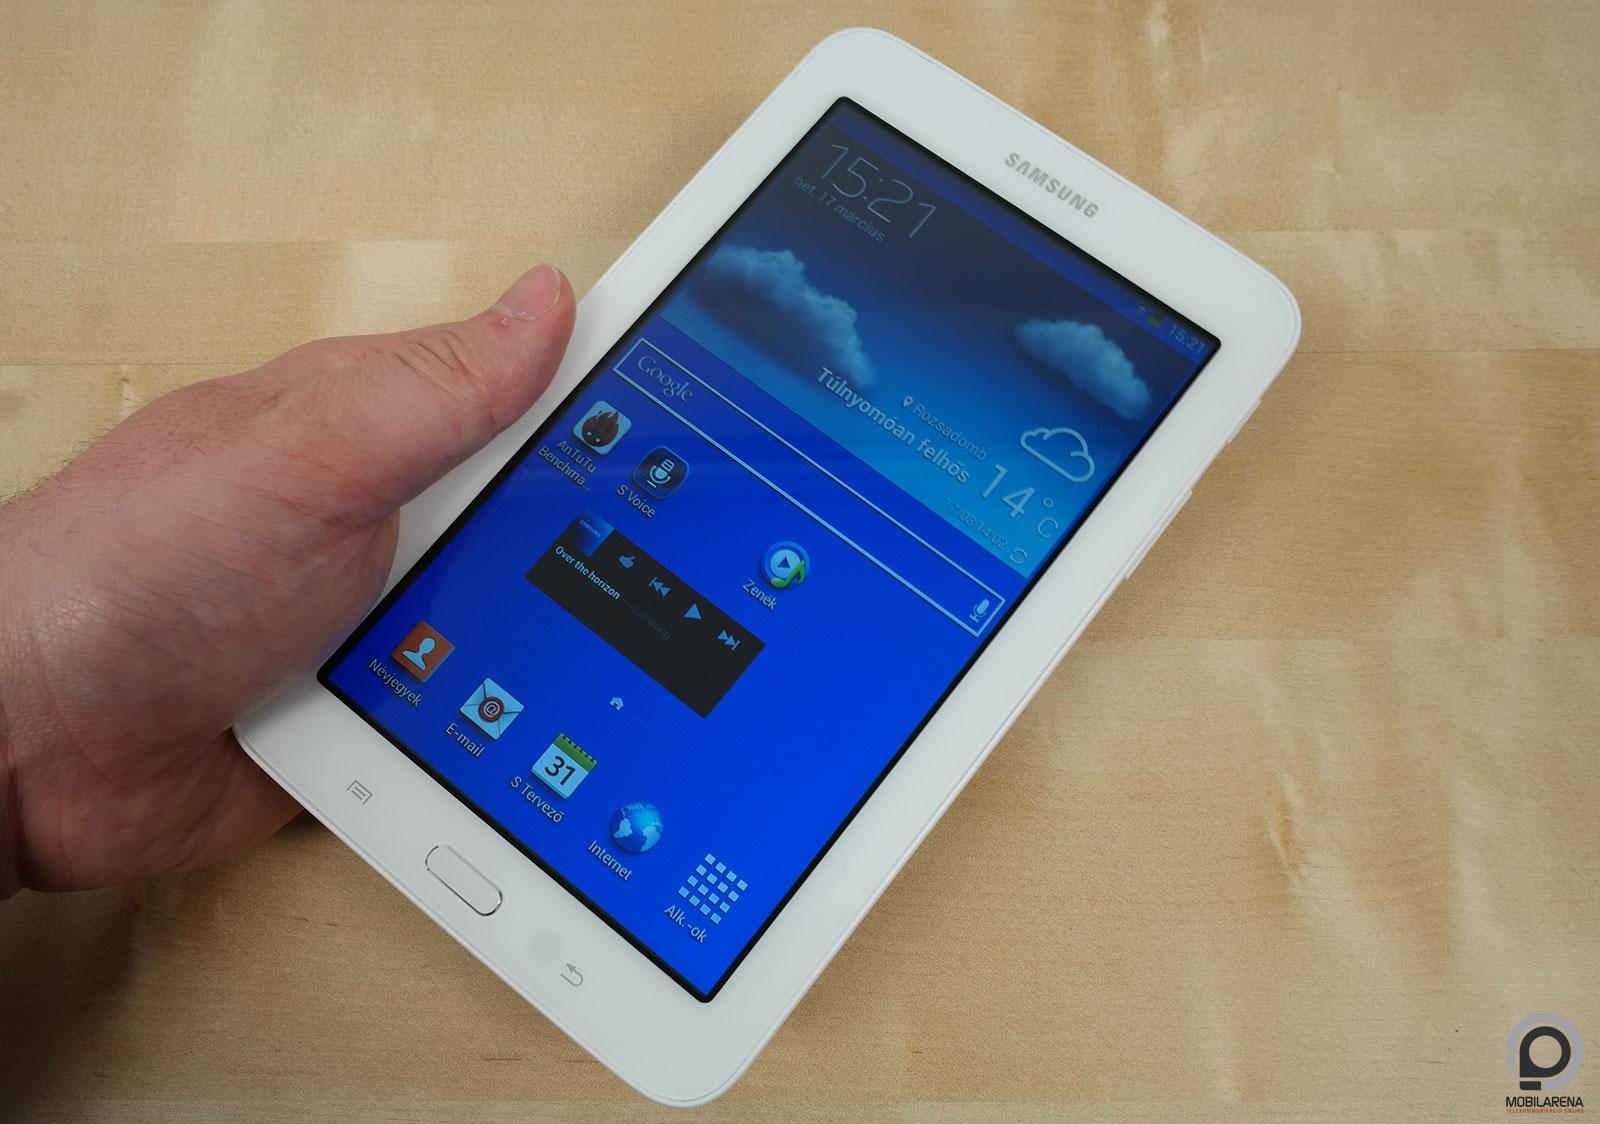 Samsung galaxy tab 3 lite k zelebb a hat r mobilarena tablet teszt - Samsung galaxy tab 3 vs tab 3 lite ...